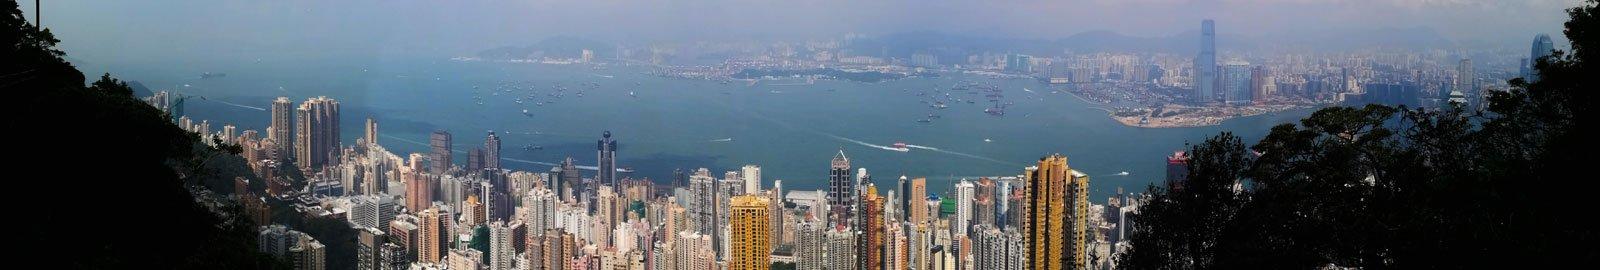 Hong Kong Island at Day with View towards Tsing Yi